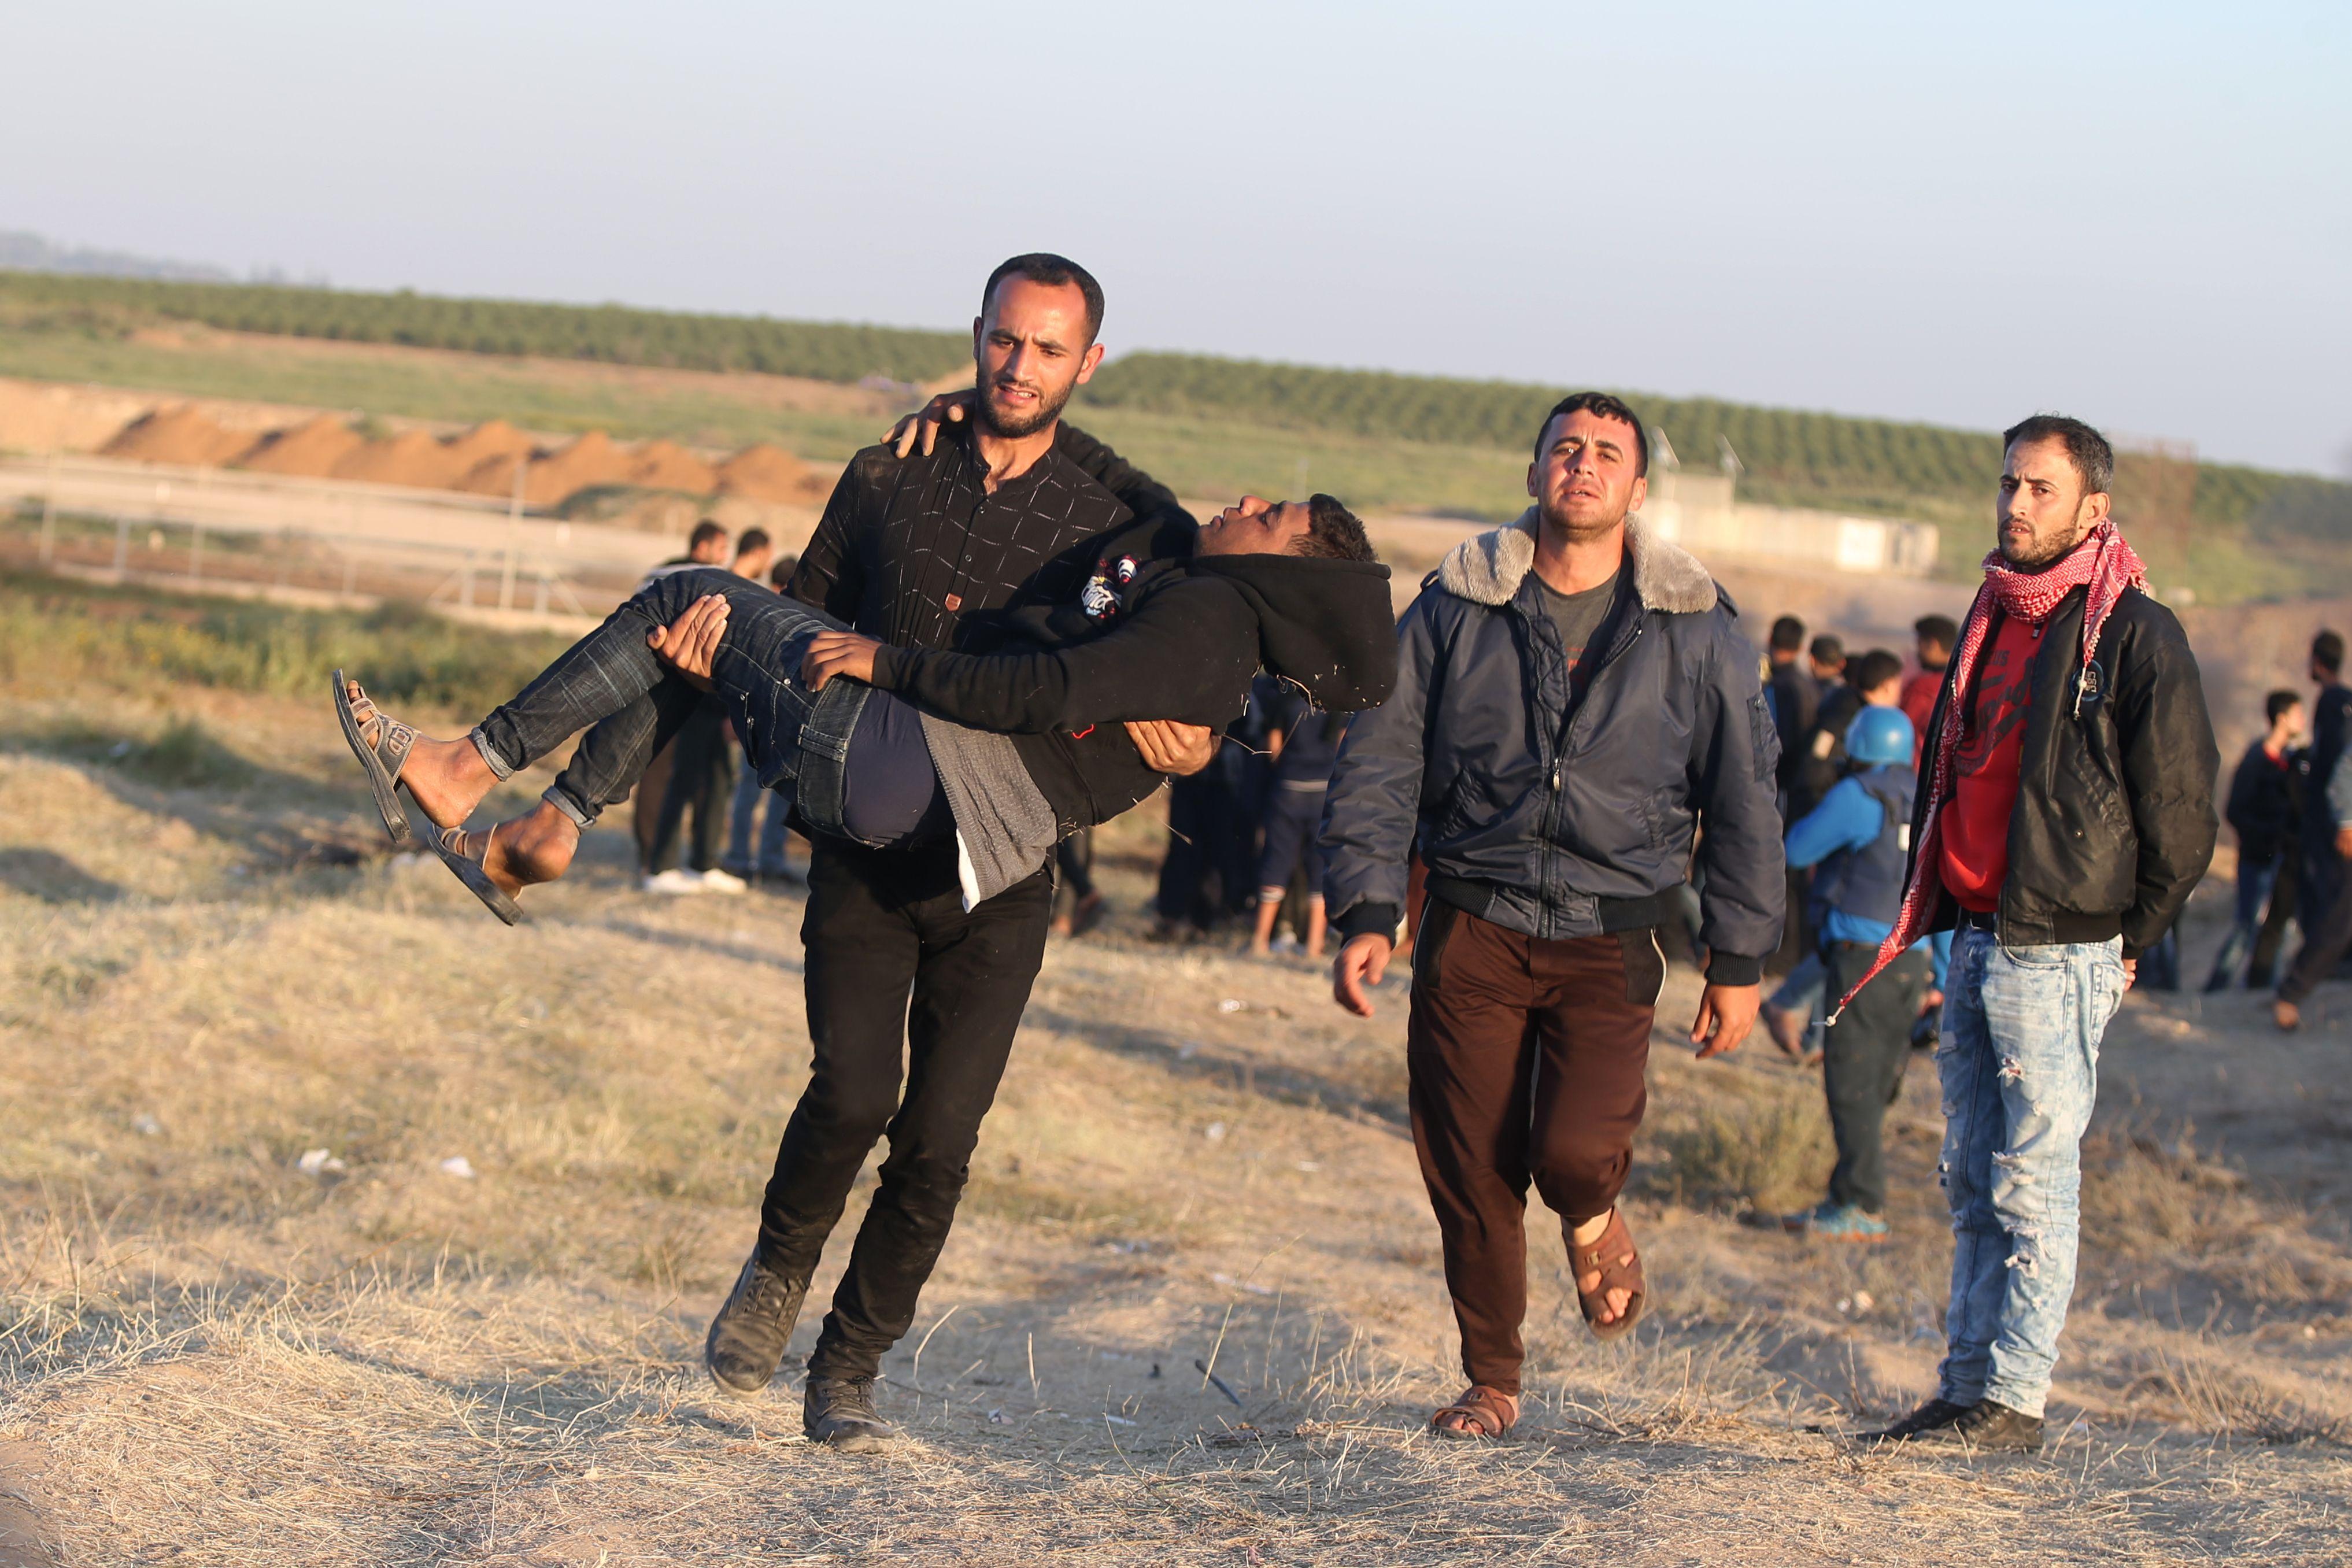 إصابة أحد المتظاهرين برصاص الاحتلال